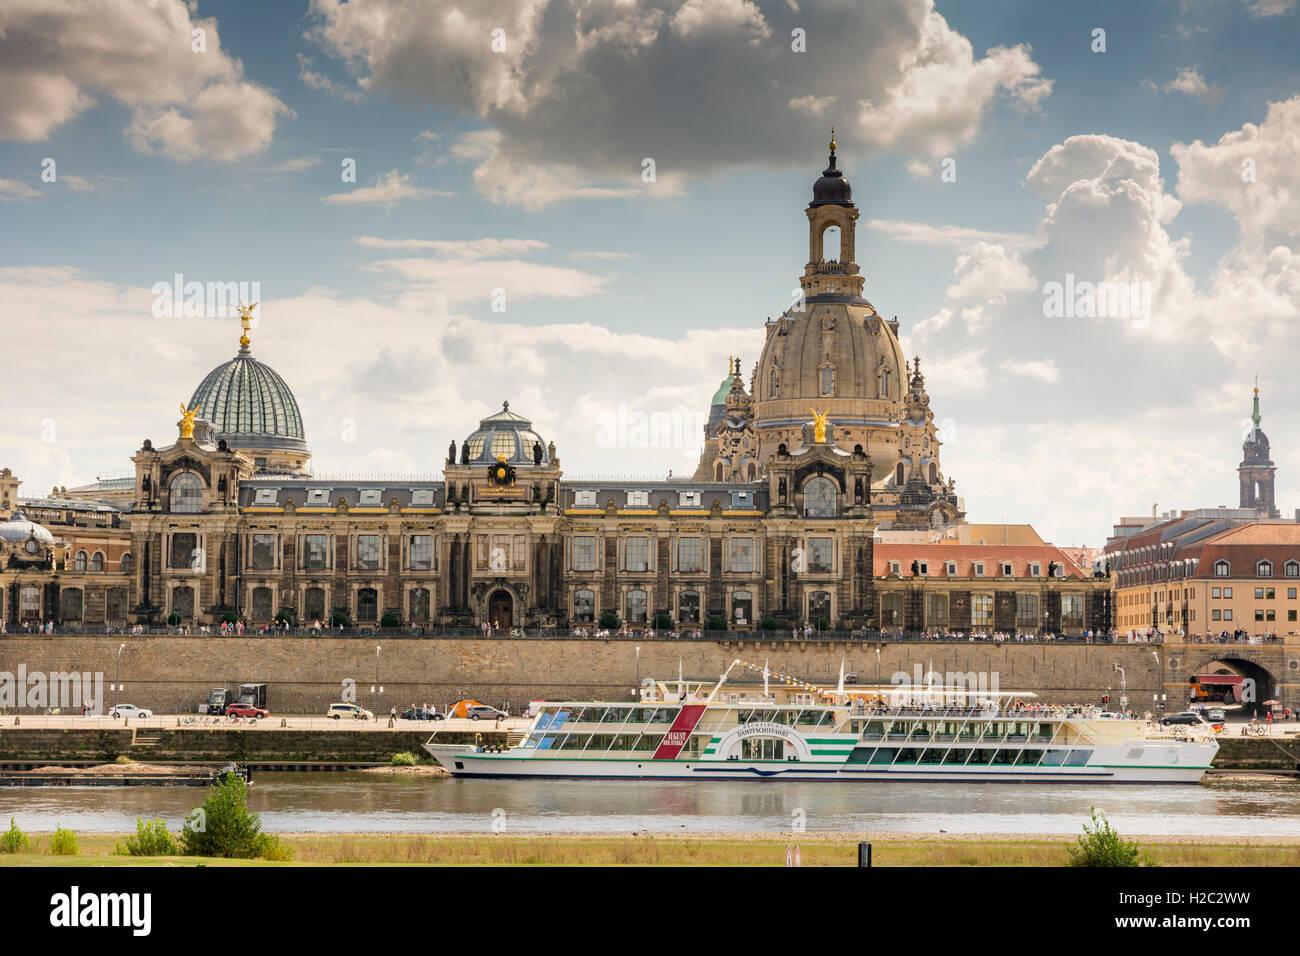 DRESDEN, Deutschland - AUGUST 22: Touristen auf der Promenade von der Elbe in Dresden, Deutschland am 22. August Stockfoto